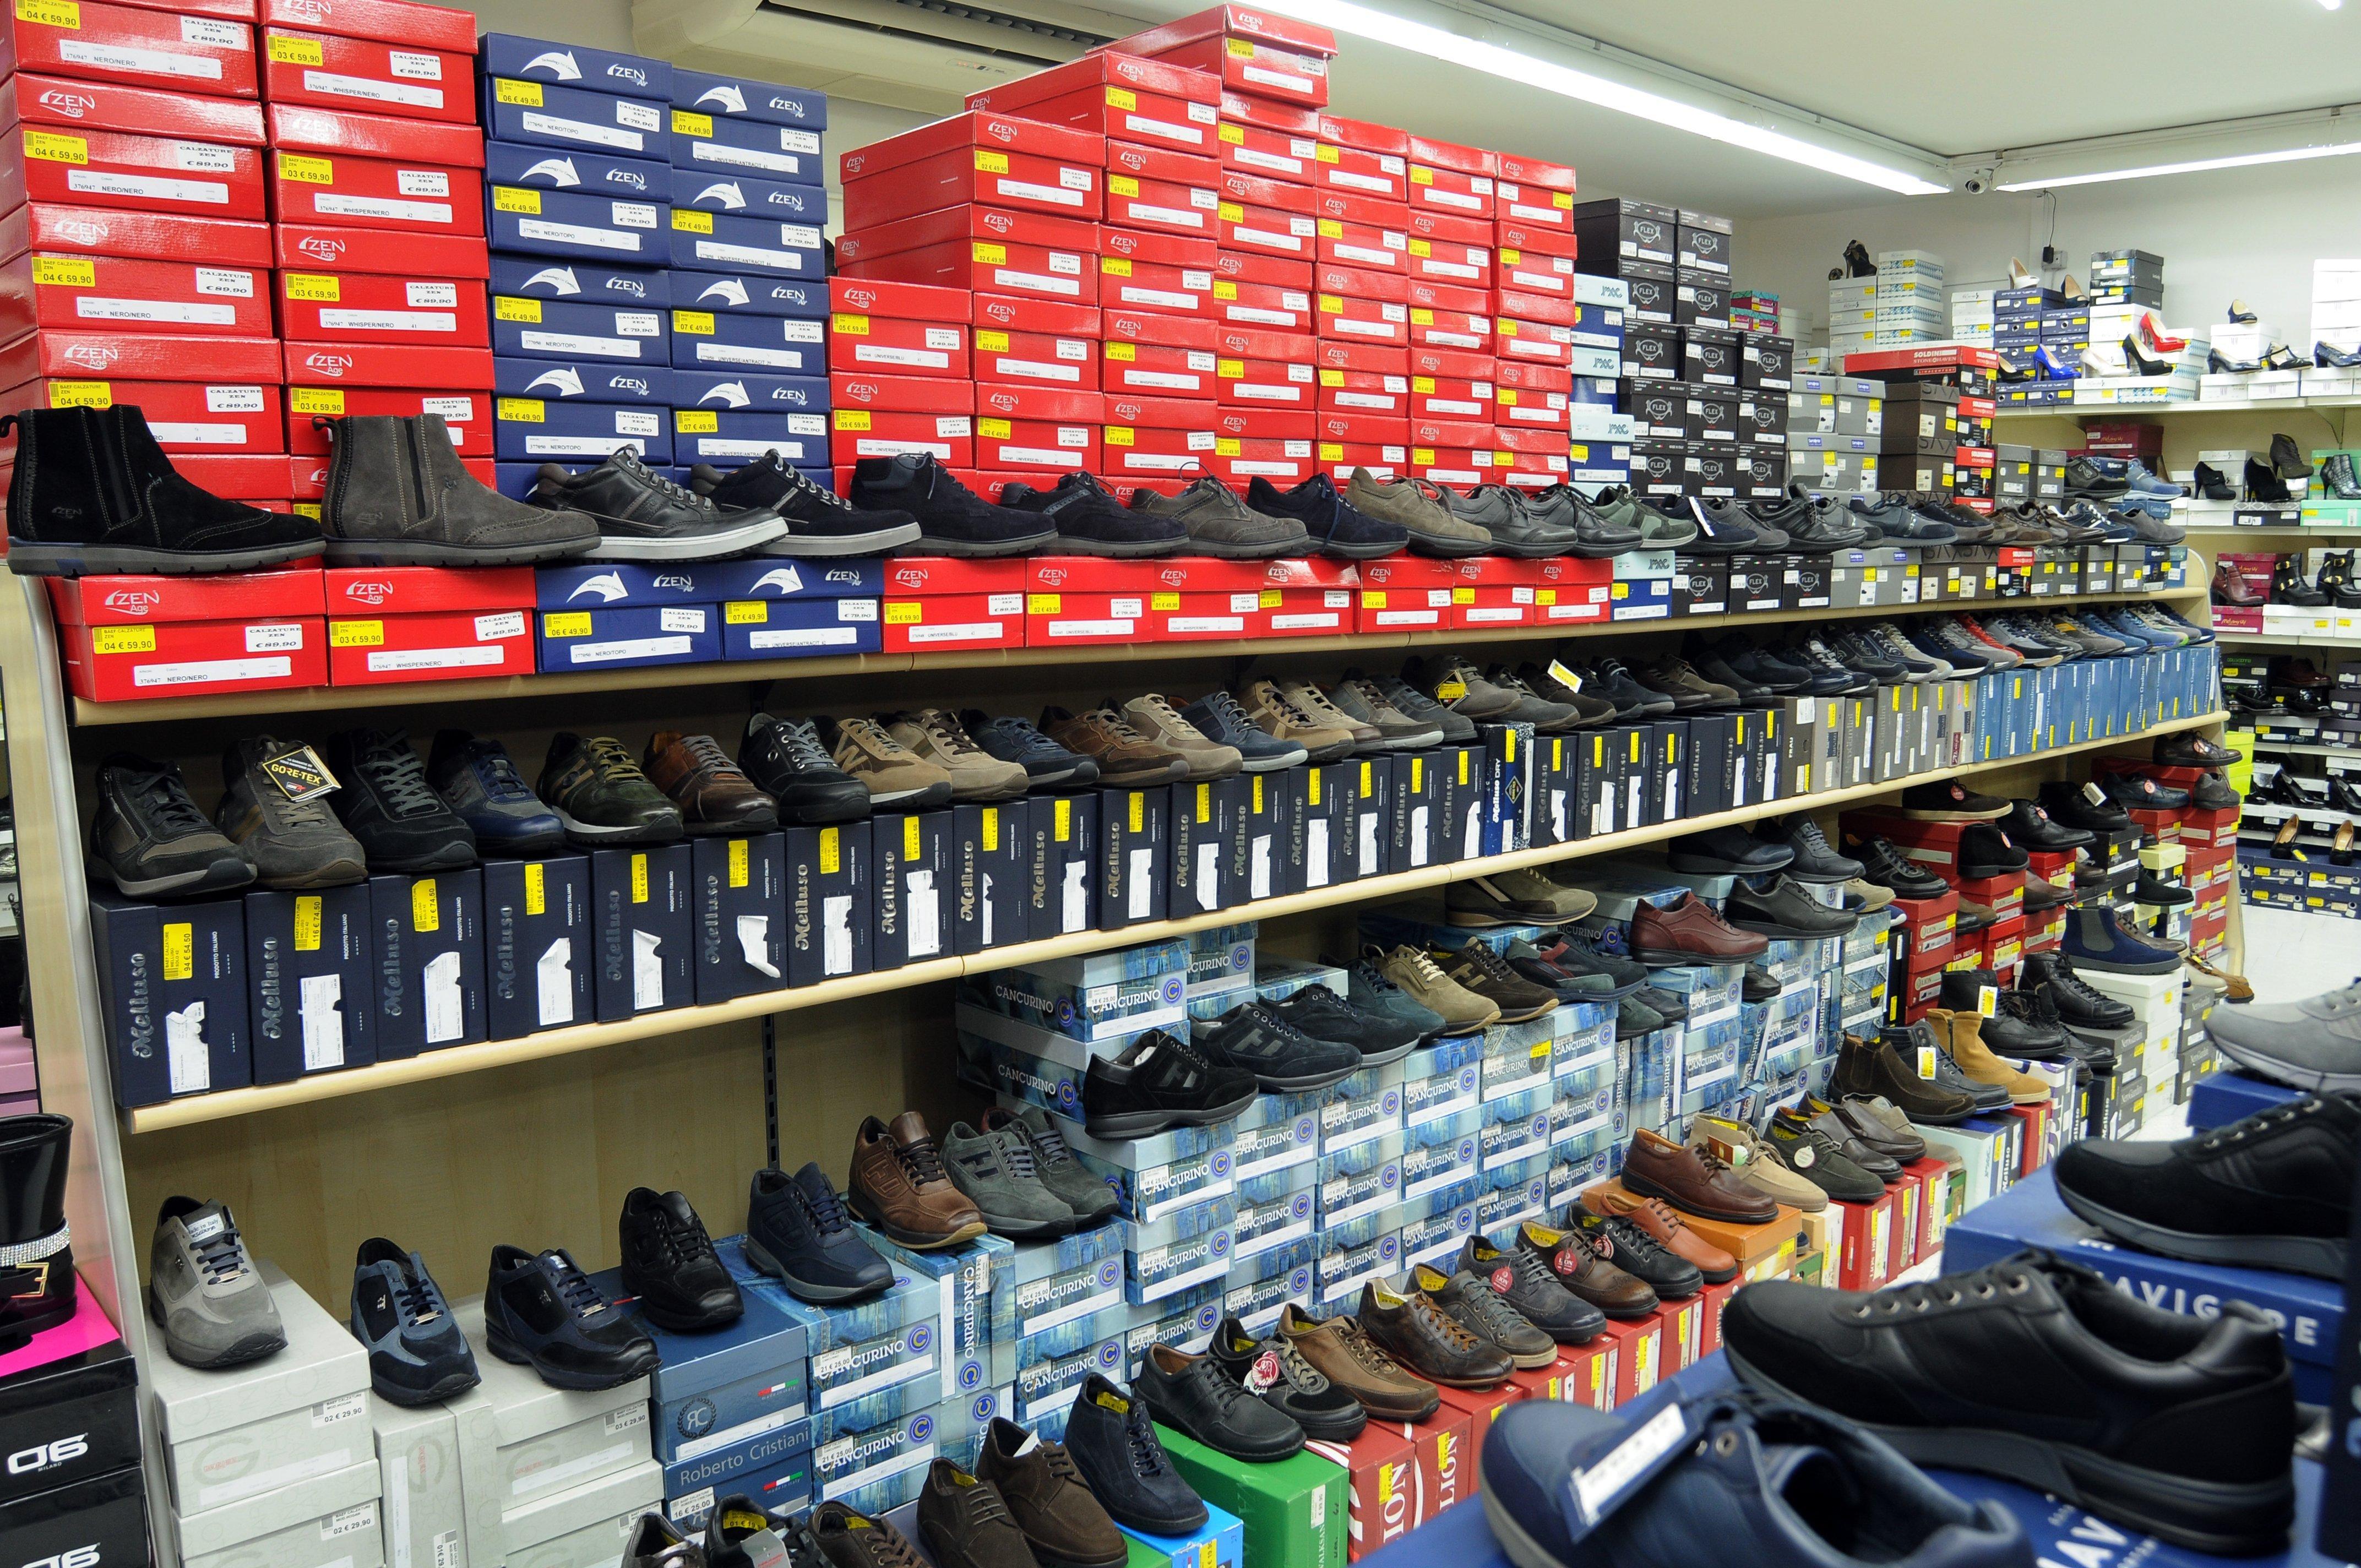 Collezione scarpe - Uomo al negozio Baef Calzature a Somma Vesuviana